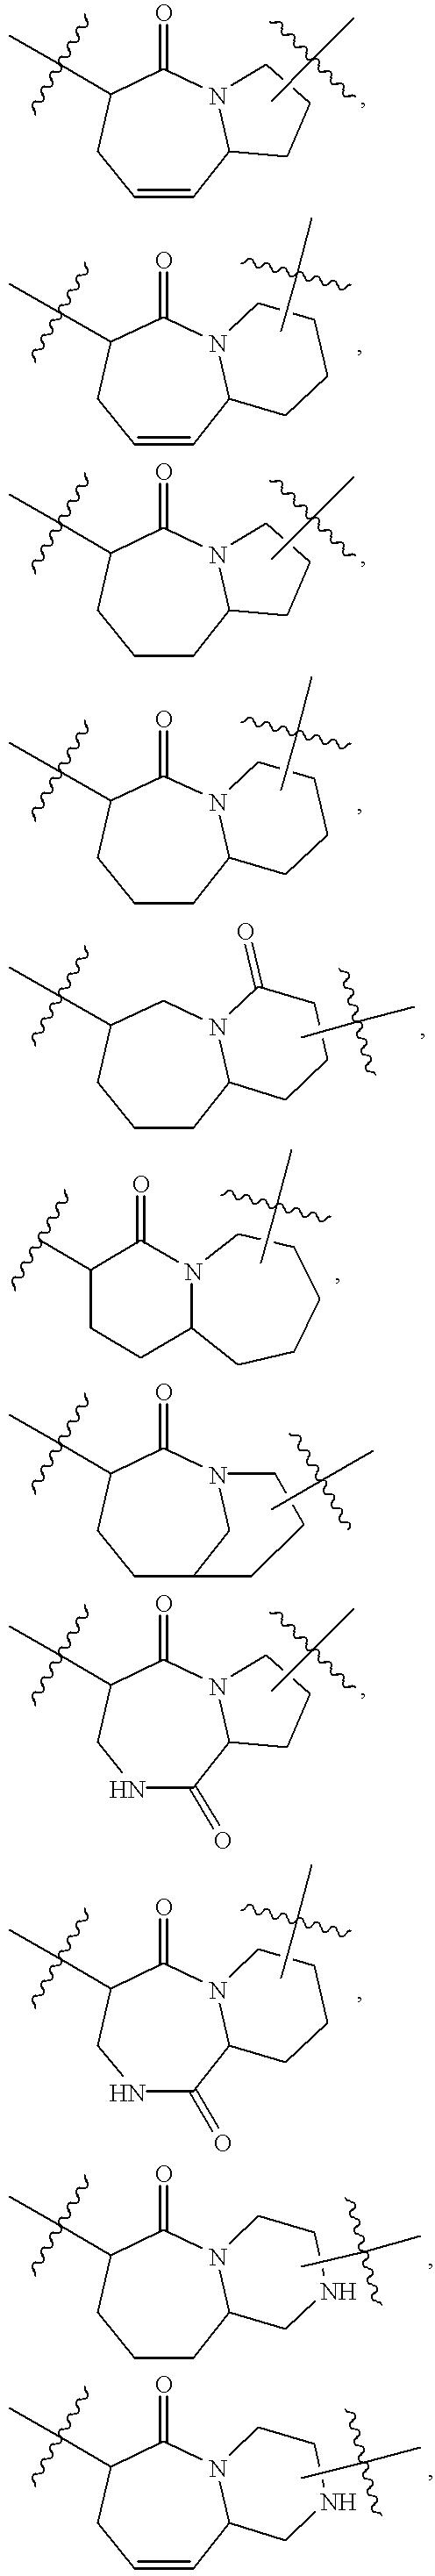 Figure US20020055501A1-20020509-C00015